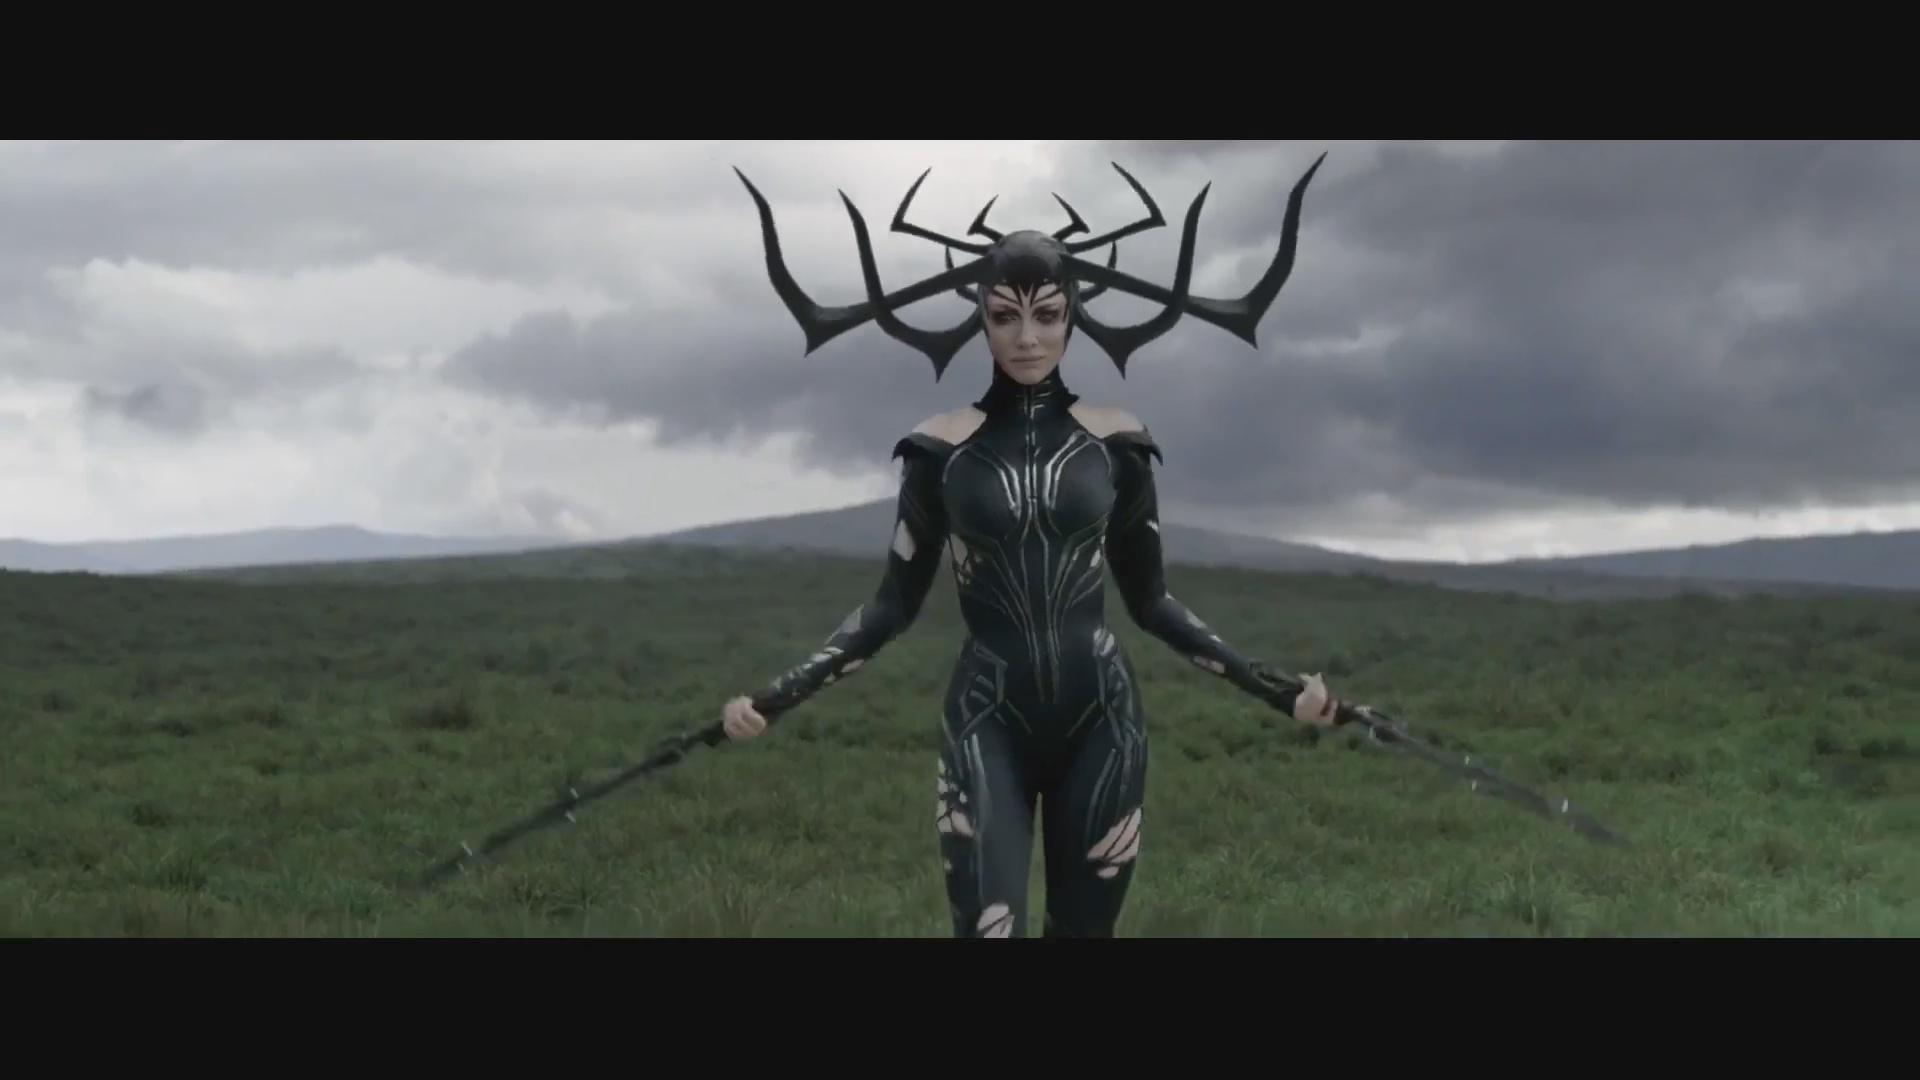 女武神横空飞跃《雷神3:诸神黄昏》最新电视版预告双连发